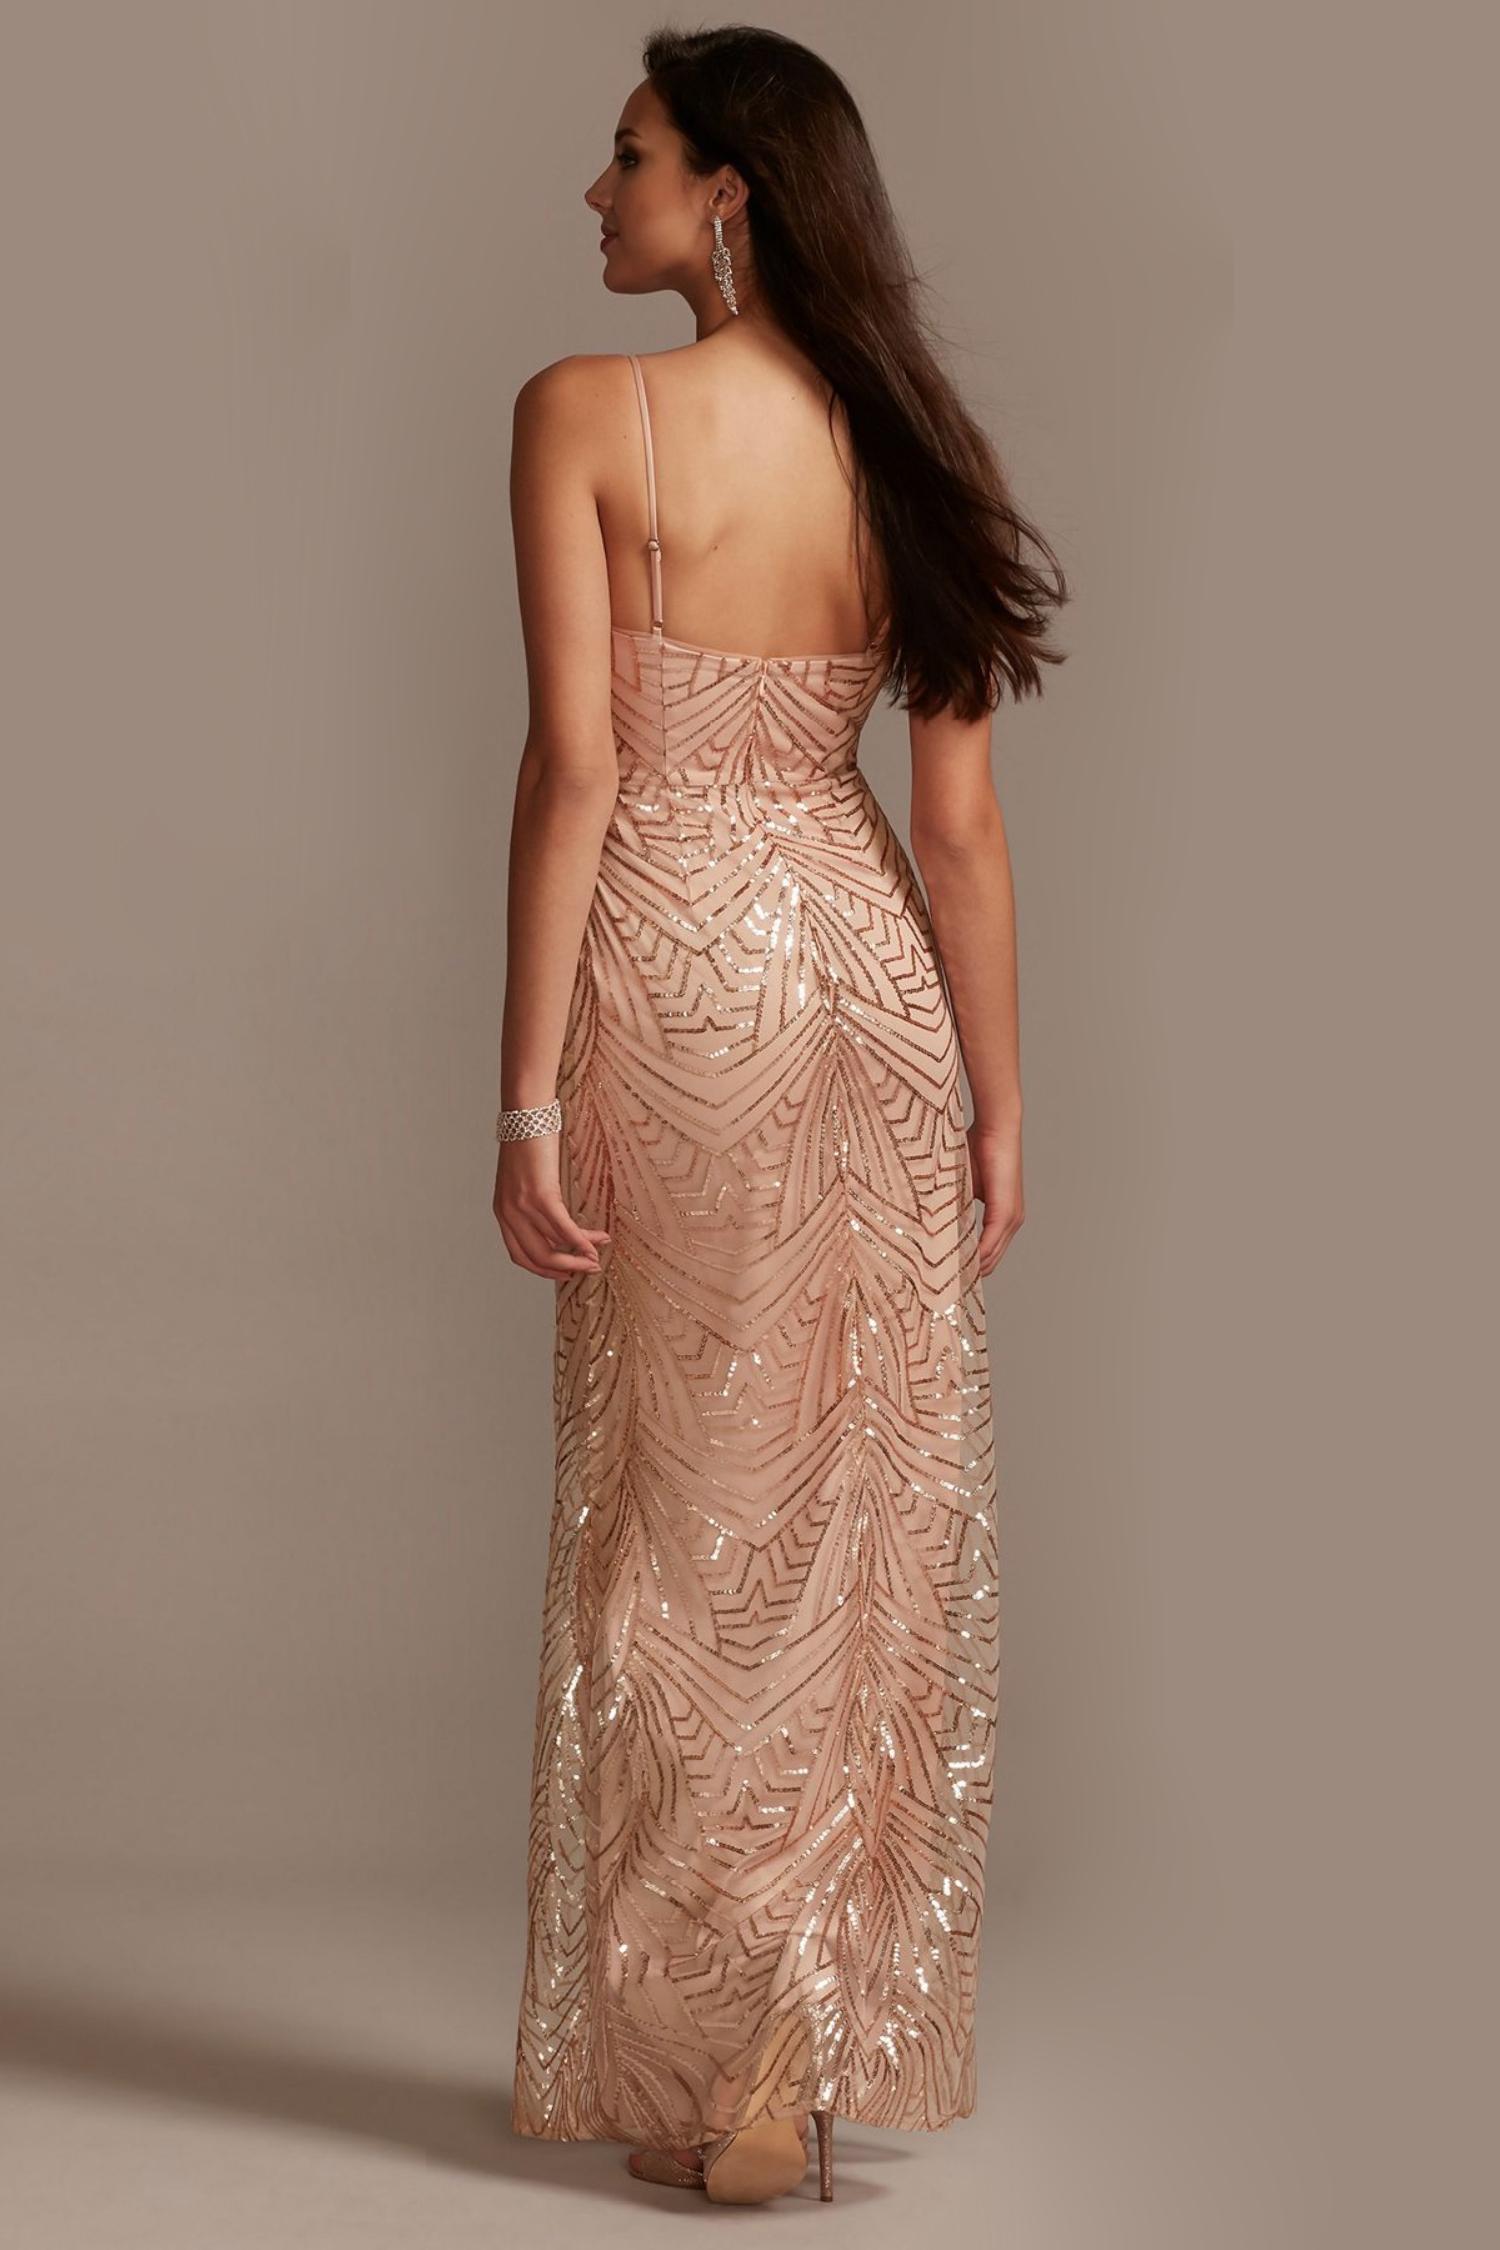 Rose Gold Payet İşlemeli Askılı Dar Kesim Uzun Elbise - Thumbnail